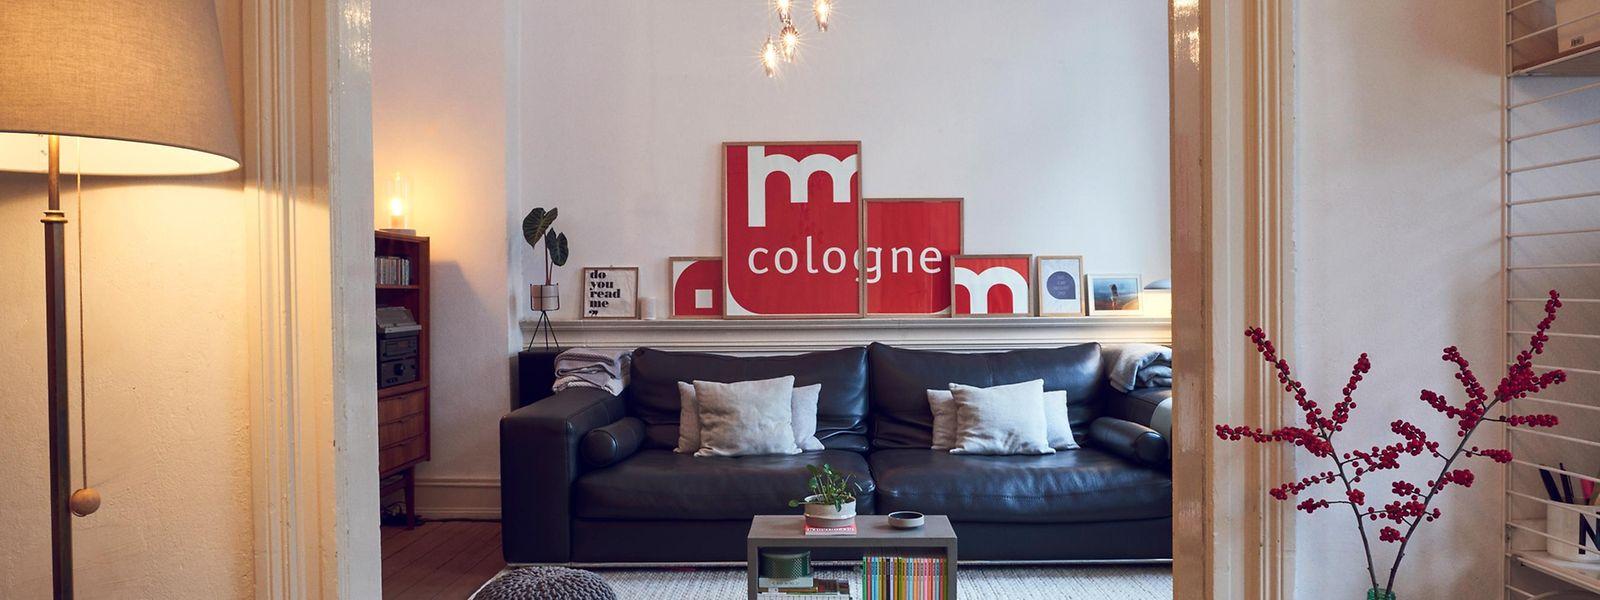 Welche Trends es beim Wohnen 2018 gibt, wird auf der Möbelmesse IMM Cologne in Köln im Januar zu sehen sein.